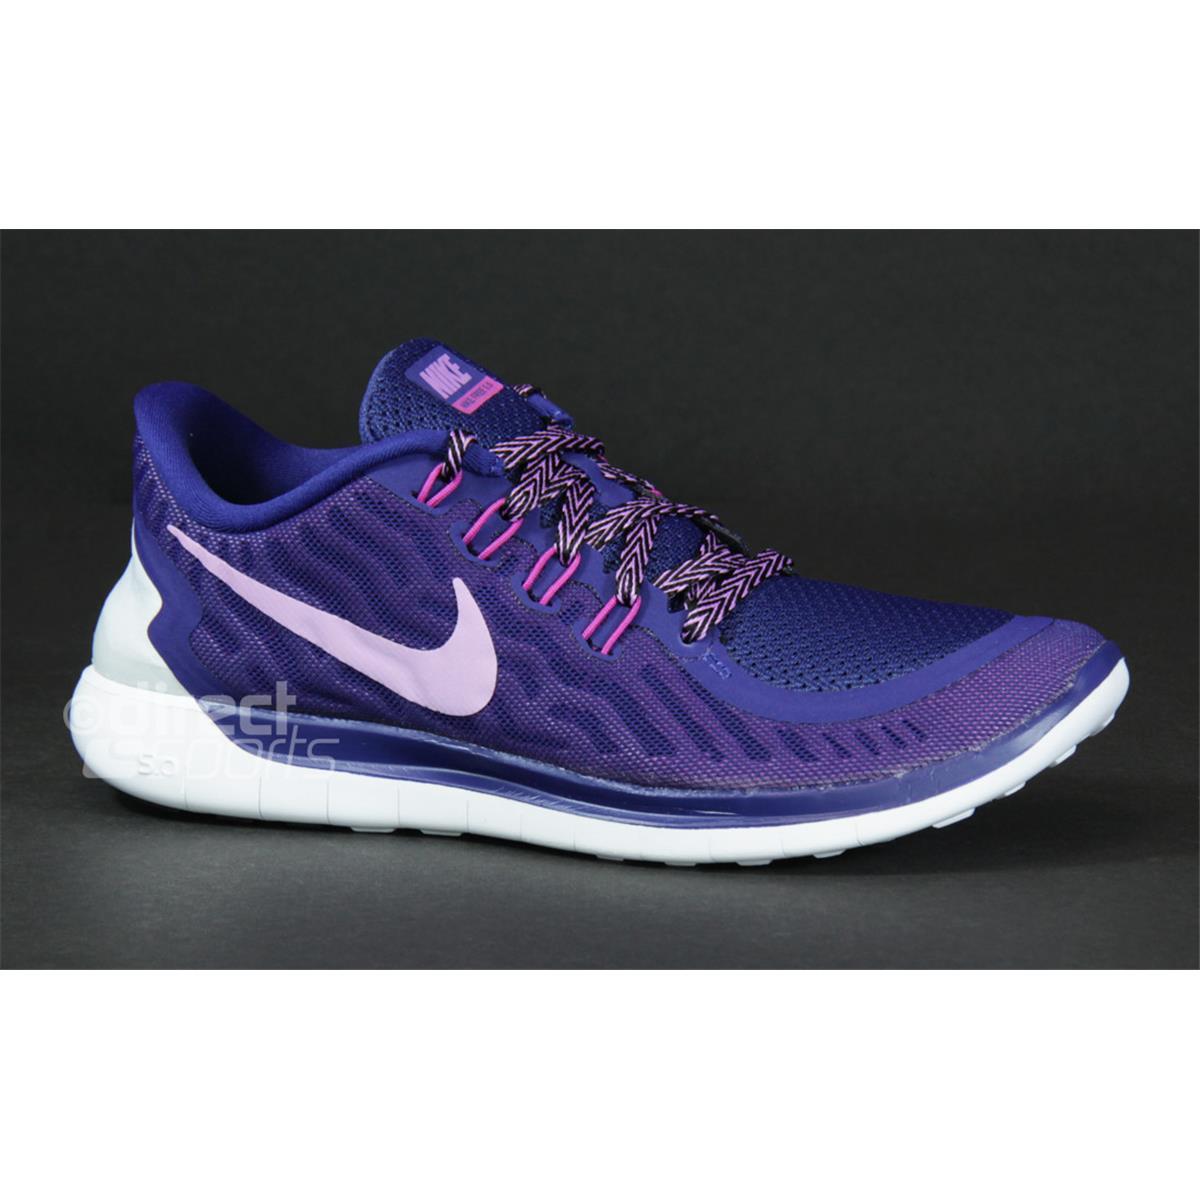 ... nike shox tl - Nike Free 5.0 Womens Running Shoes (Deep Royal Blue) by  ... b5f2c23267